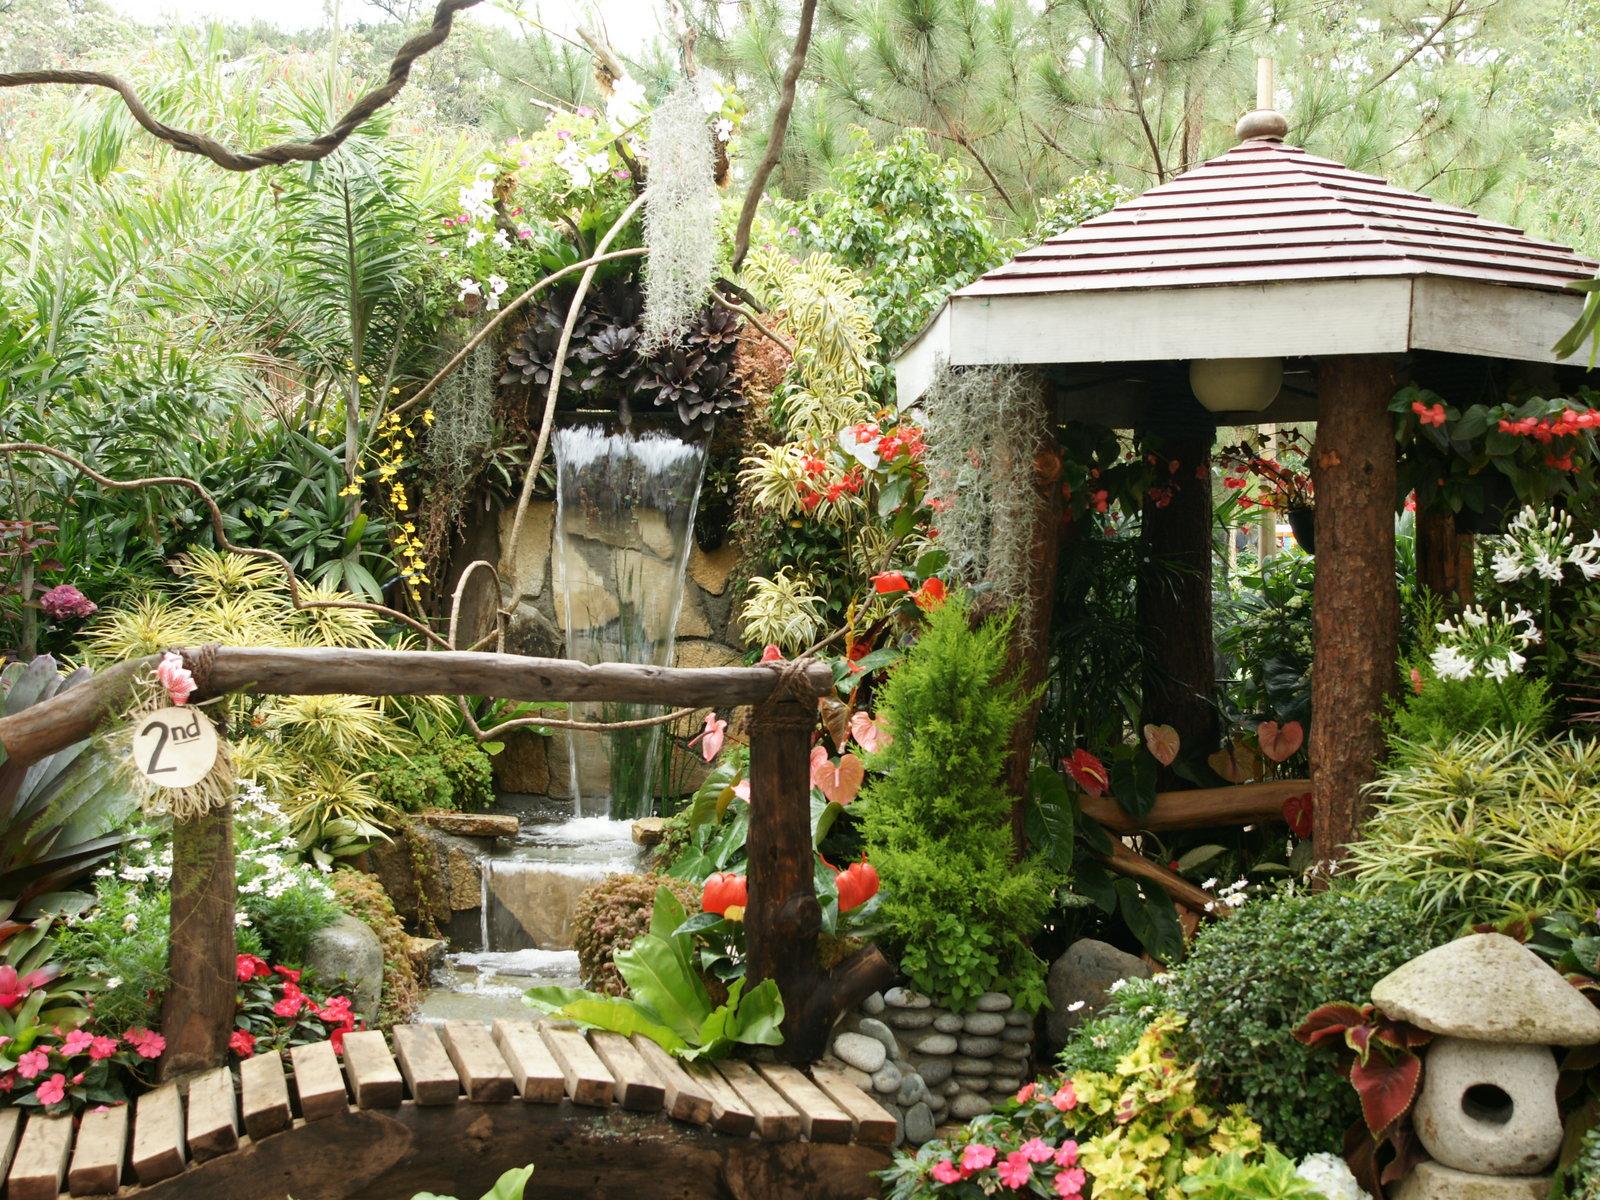 Pantalla jardin de flores blancas hd widescreen gratis for Fotos de jardines